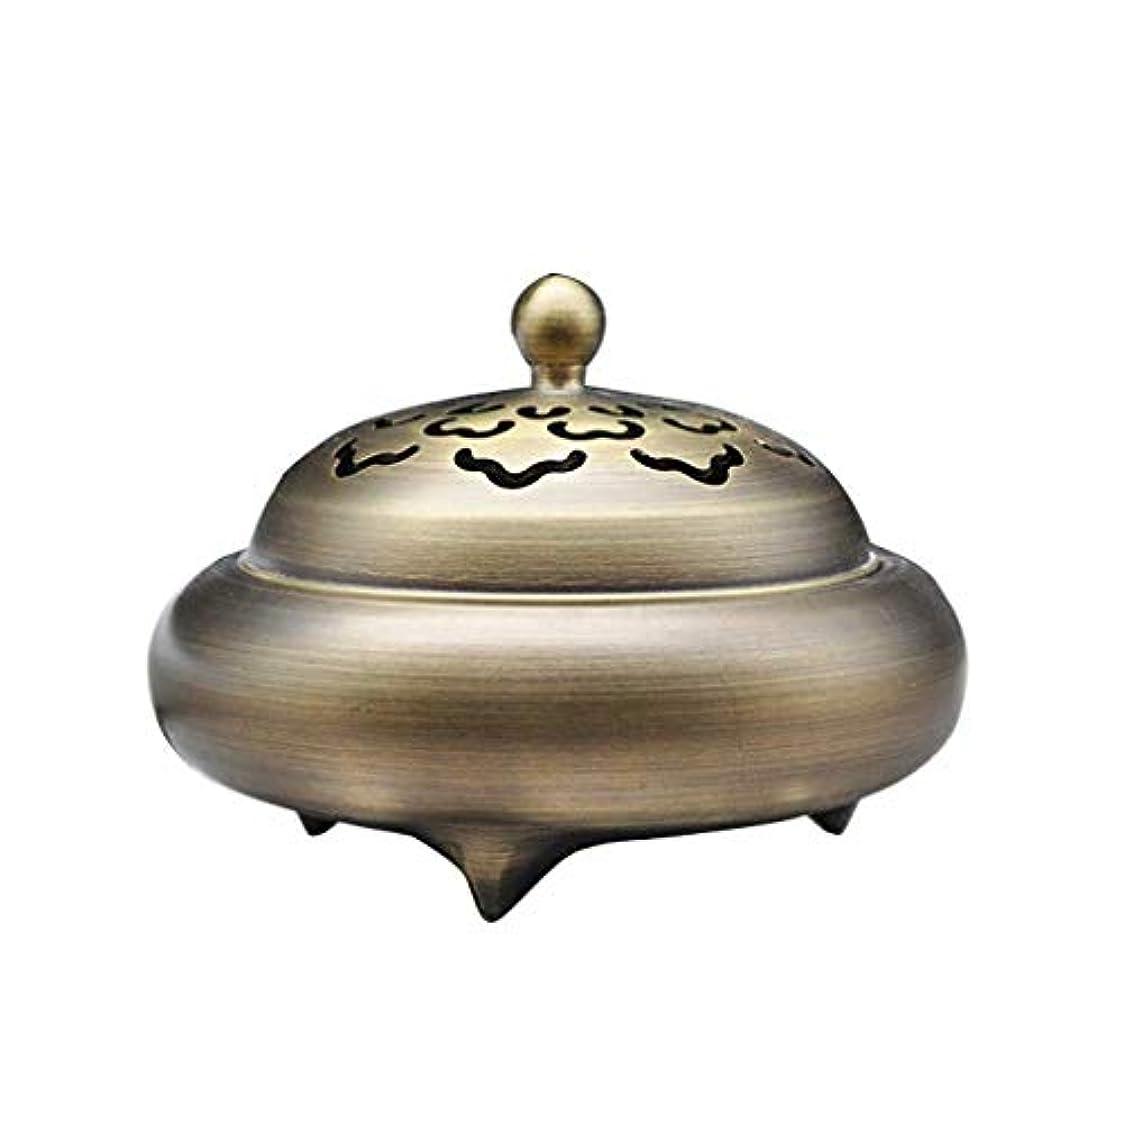 先に収束する光沢ホームアロマバーナー レトロバーナー純銅香バーナーホーム屋内白檀炉香バーナー香道路装飾 芳香器アロマバーナー (Color : Brass)